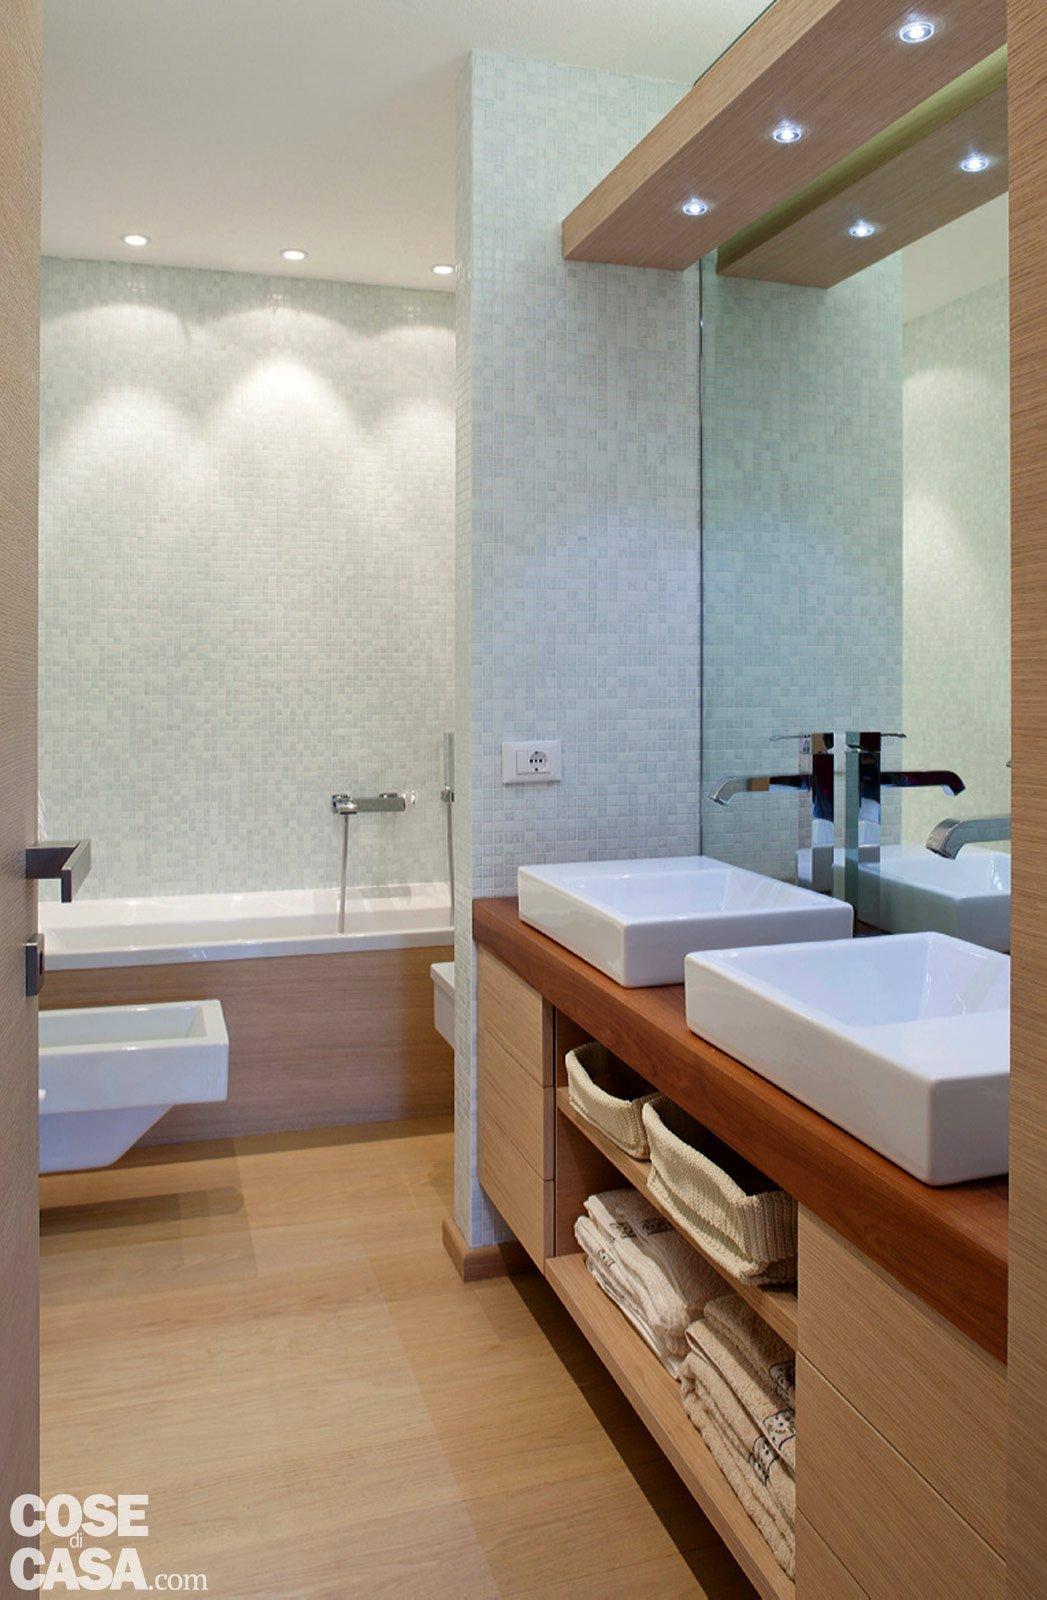 Finest come rifare il bagno simple quanto costa rifare un for Quanto costa arredare un bagno